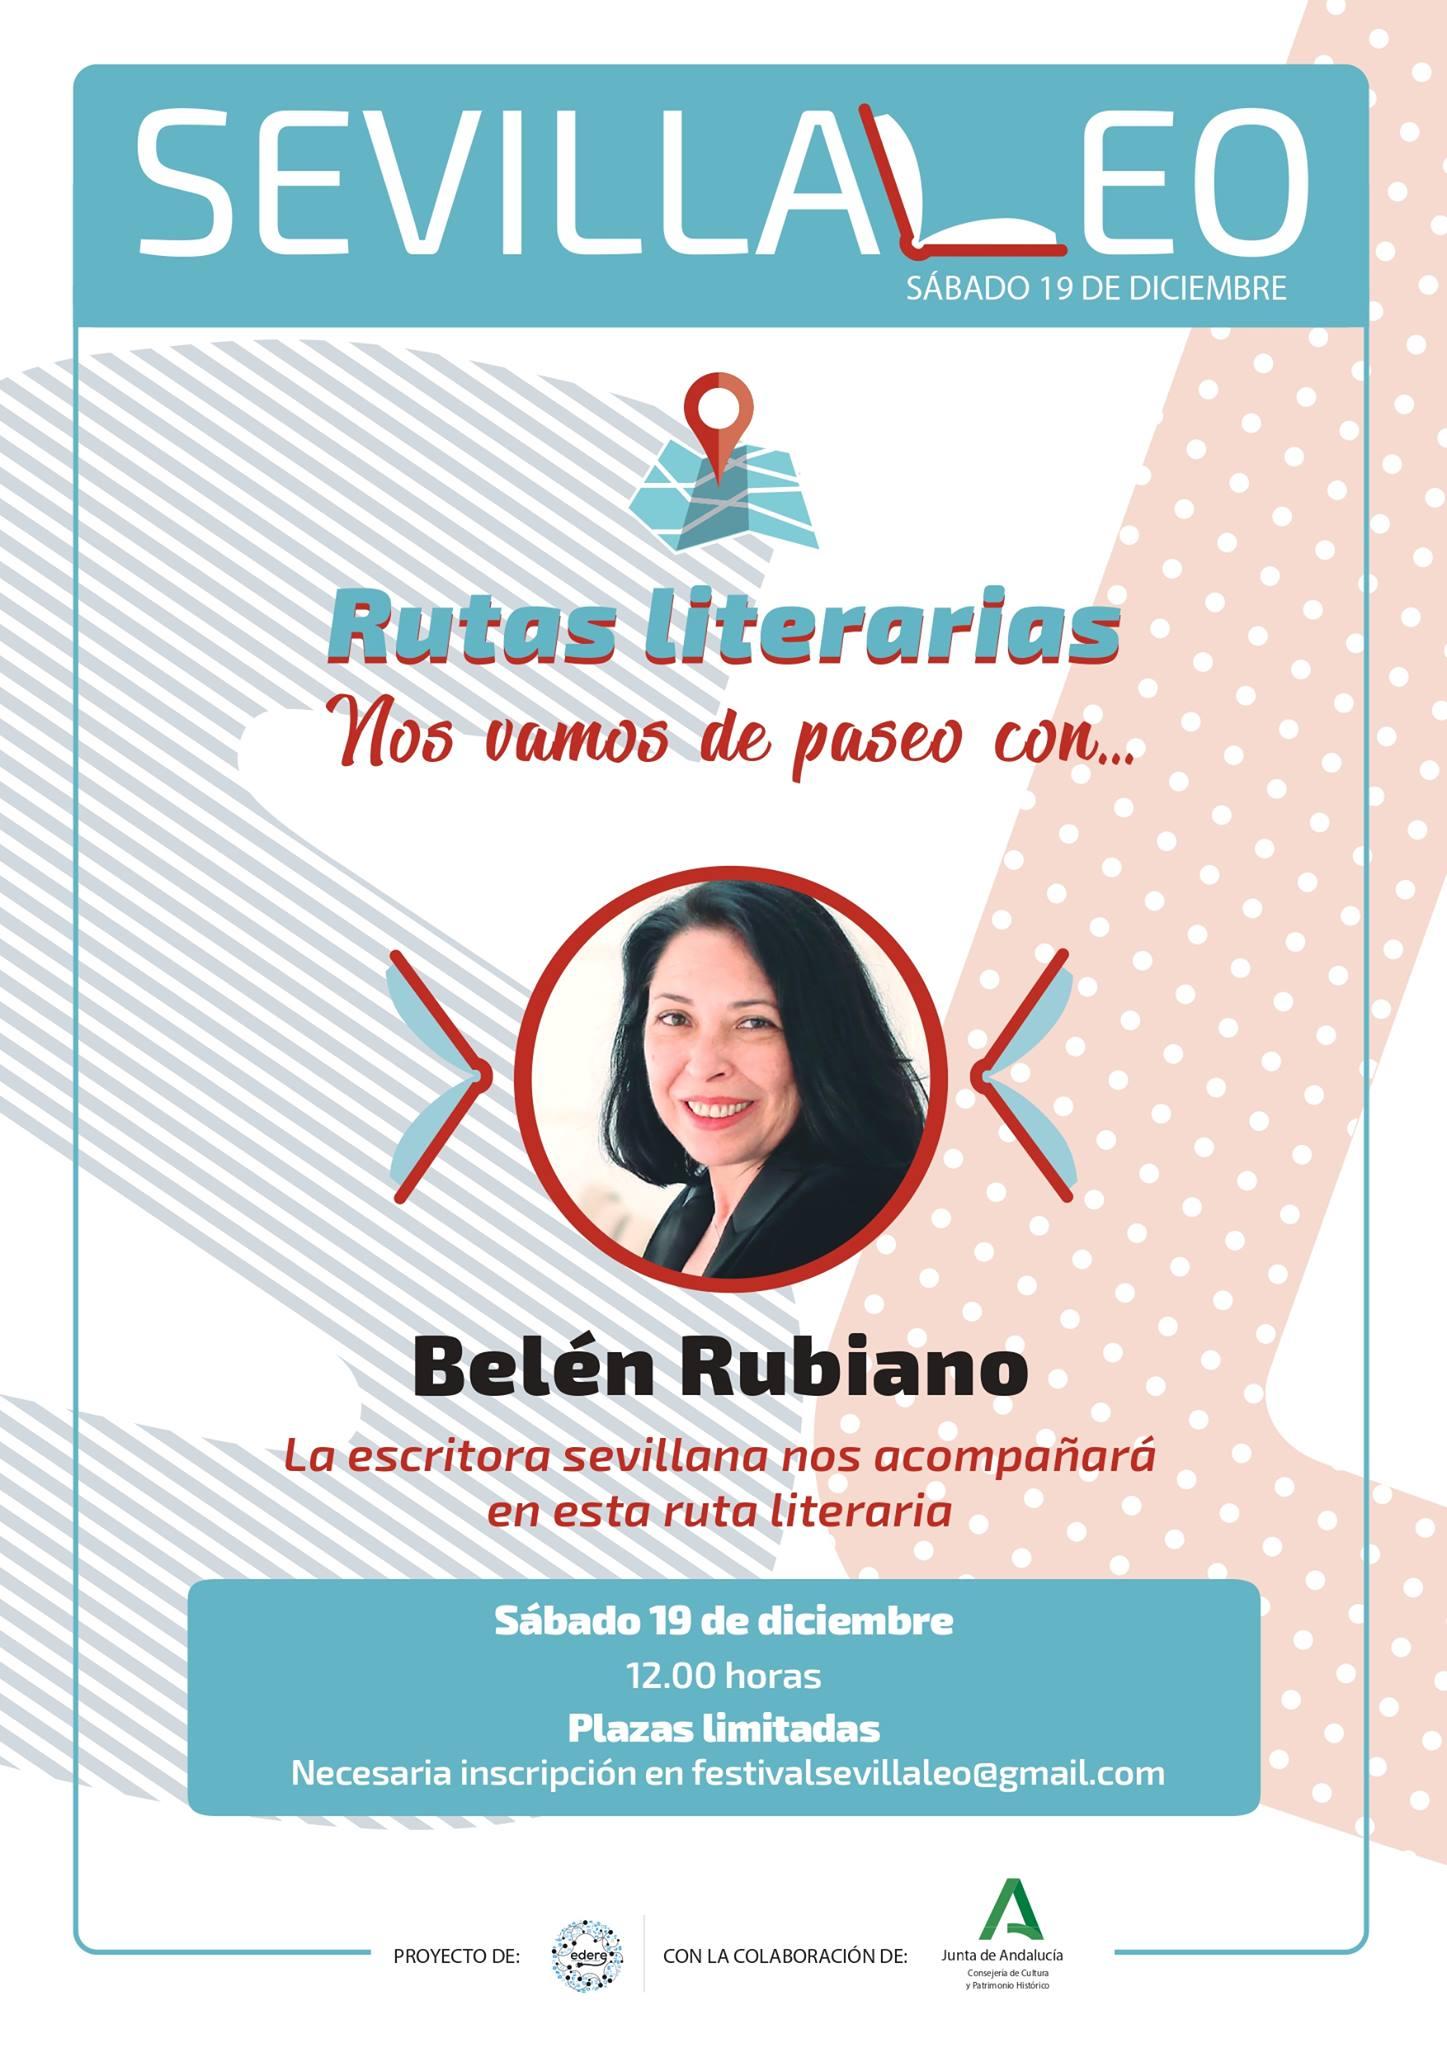 El Festival SevillaLEO pone en valor a las librerías